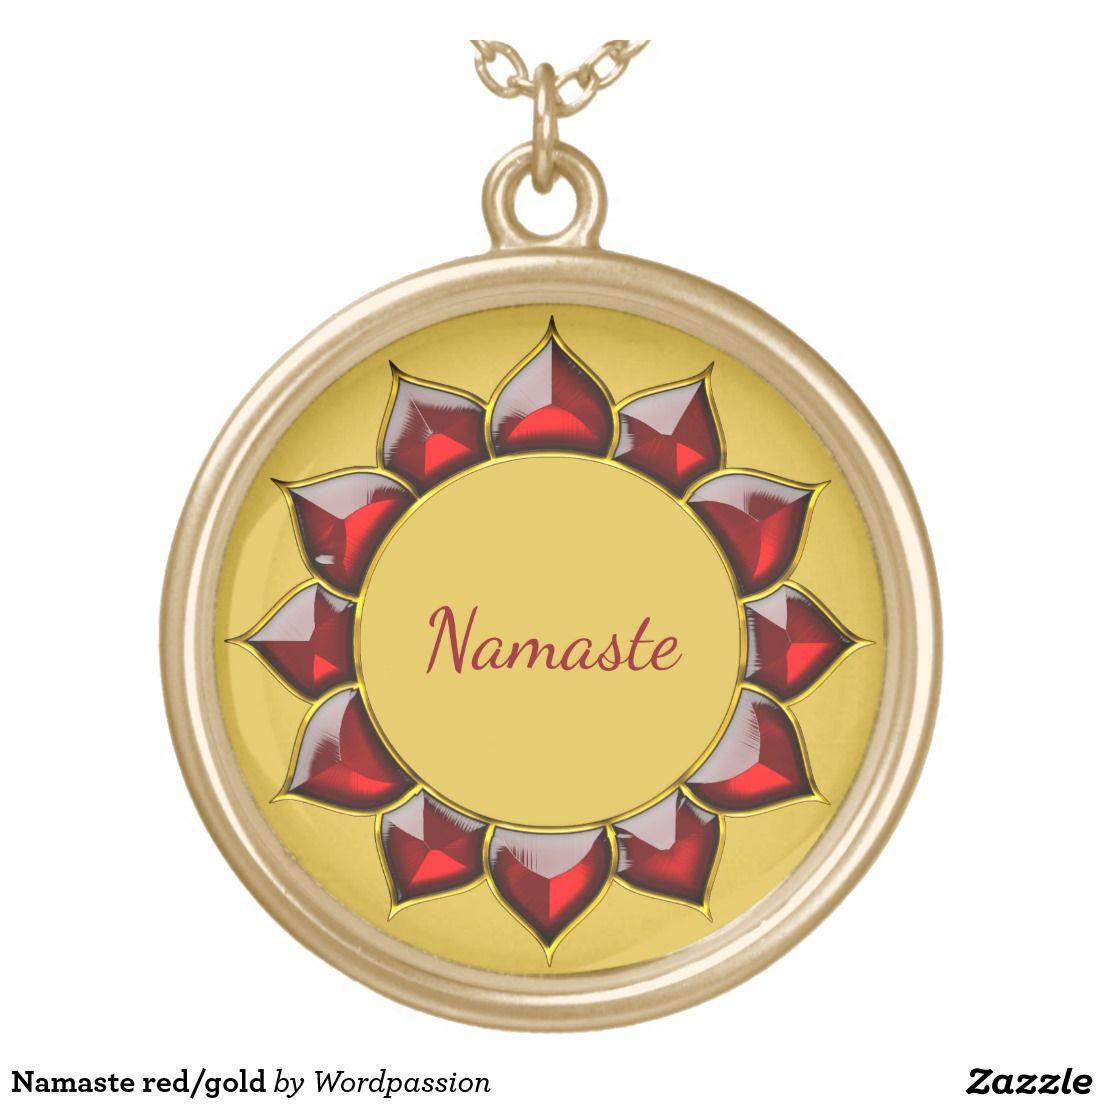 Namaste red/gold